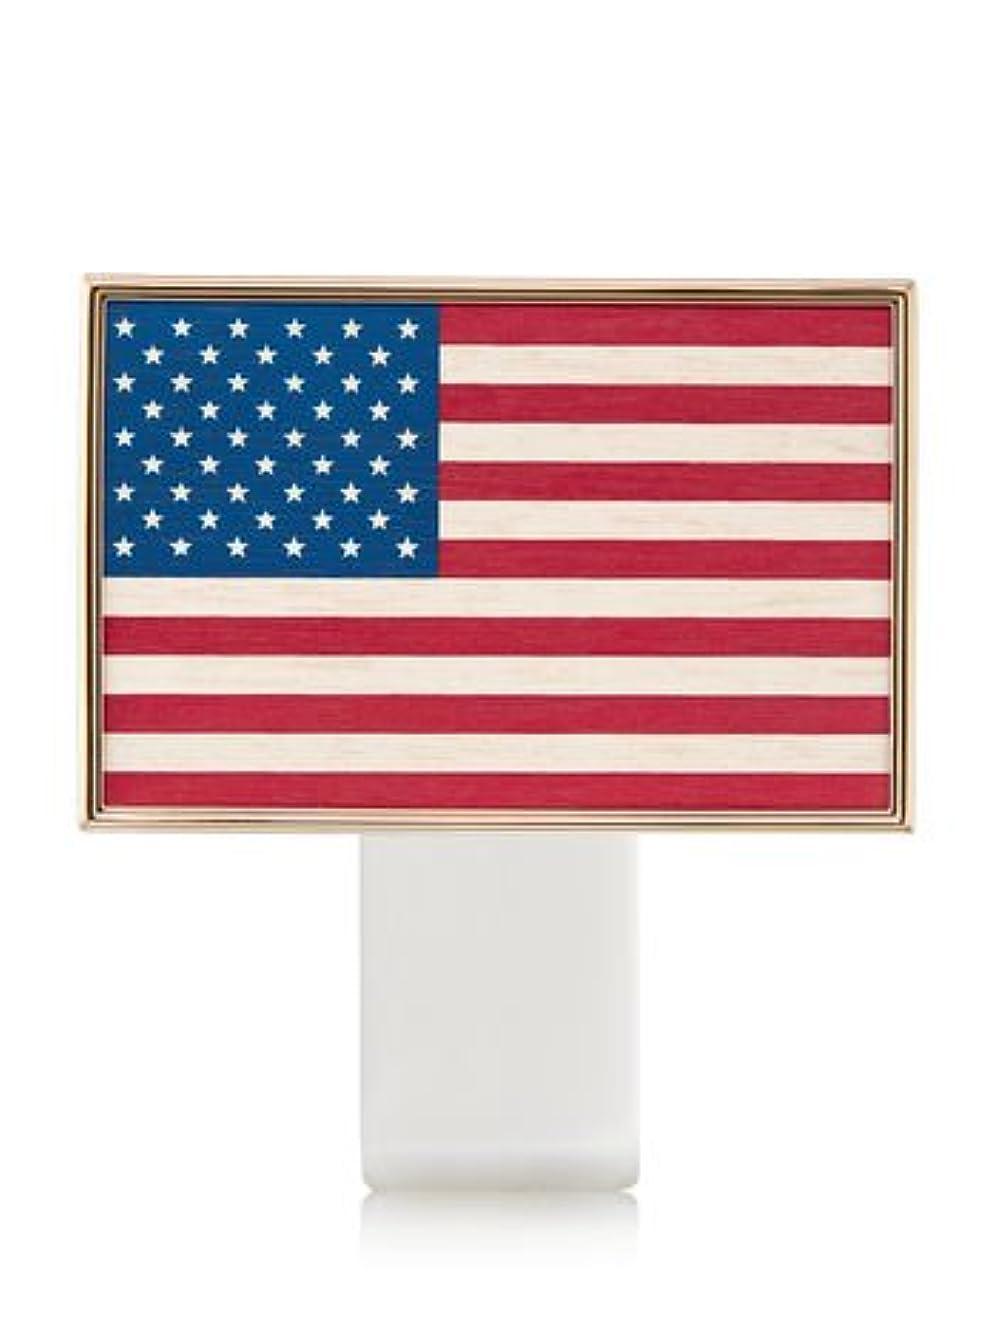 典型的なさらにサミュエル【Bath&Body Works/バス&ボディワークス】 ルームフレグランス プラグインスターター (本体のみ) アメリカンフラッグ Wallflowers Fragrance Plug American Flag [並行輸入品]